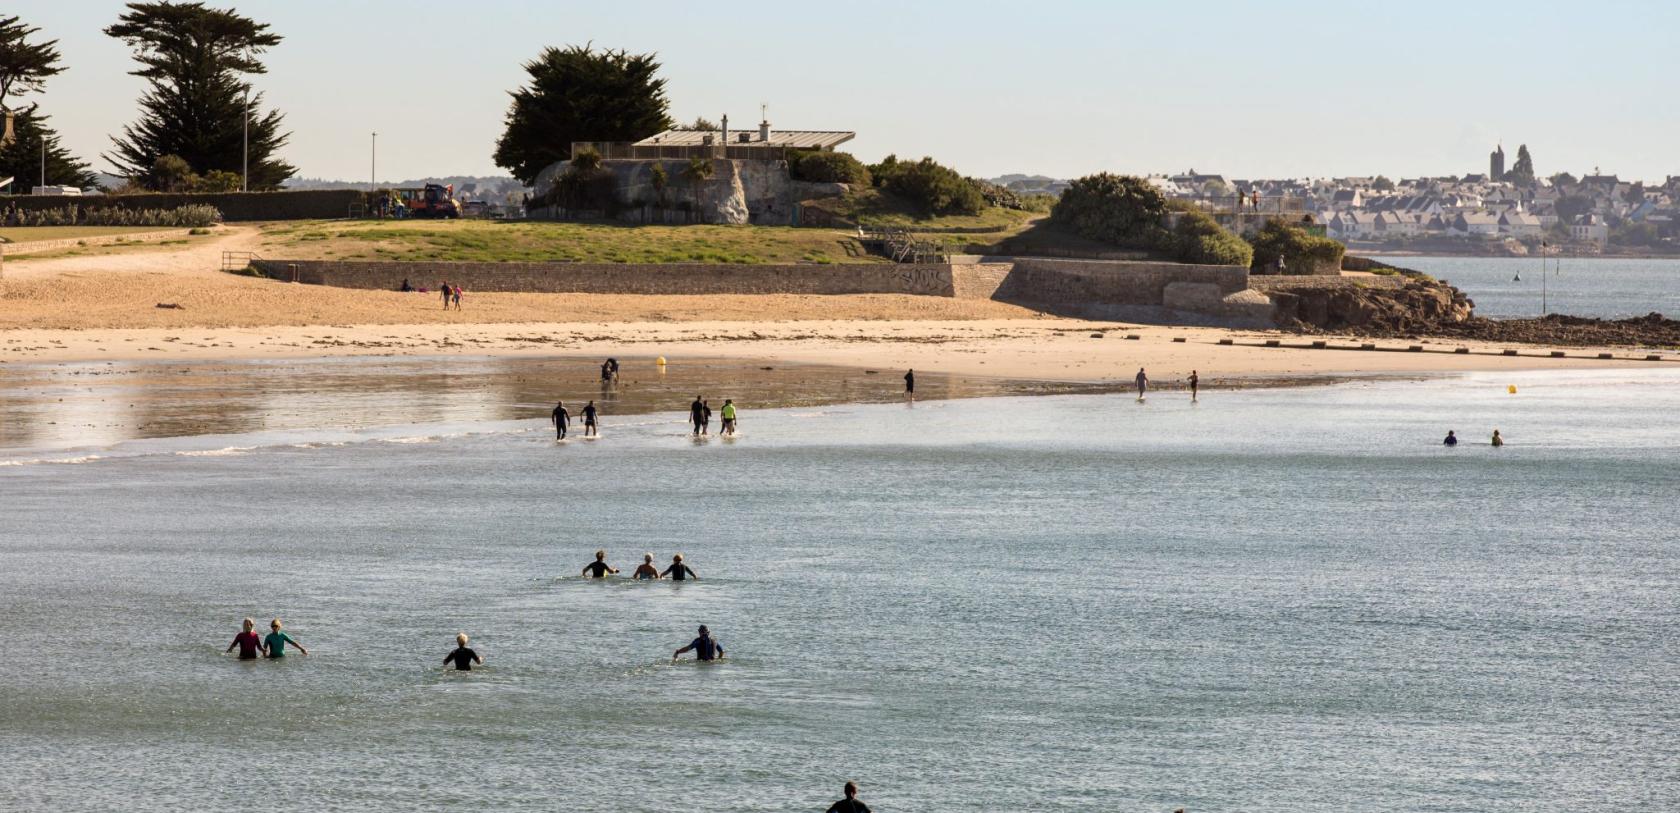 Marche aquatique sur la plage de Toulhars à Larmor-Plage